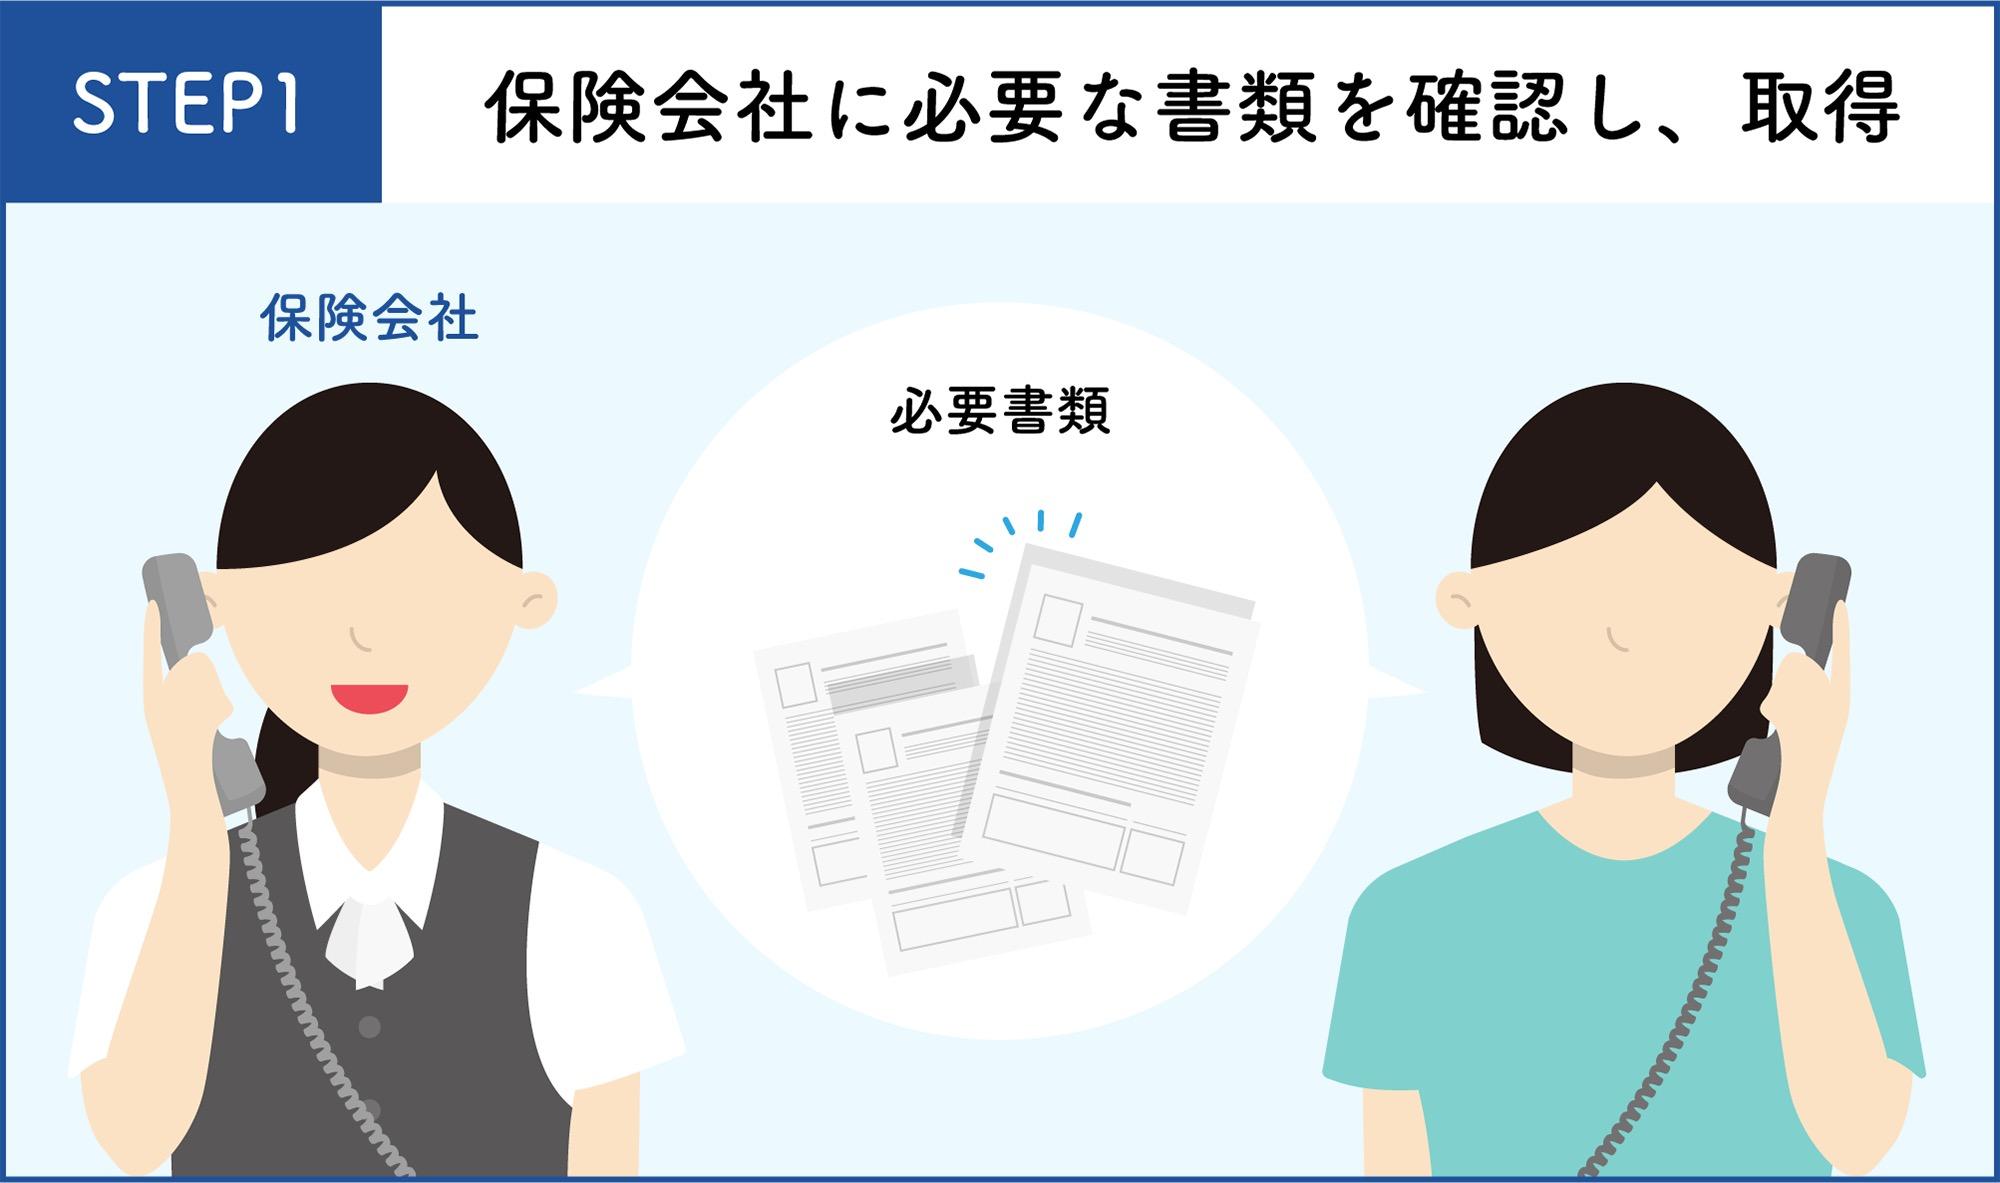 保険会社に必要な書類を確認し、取得